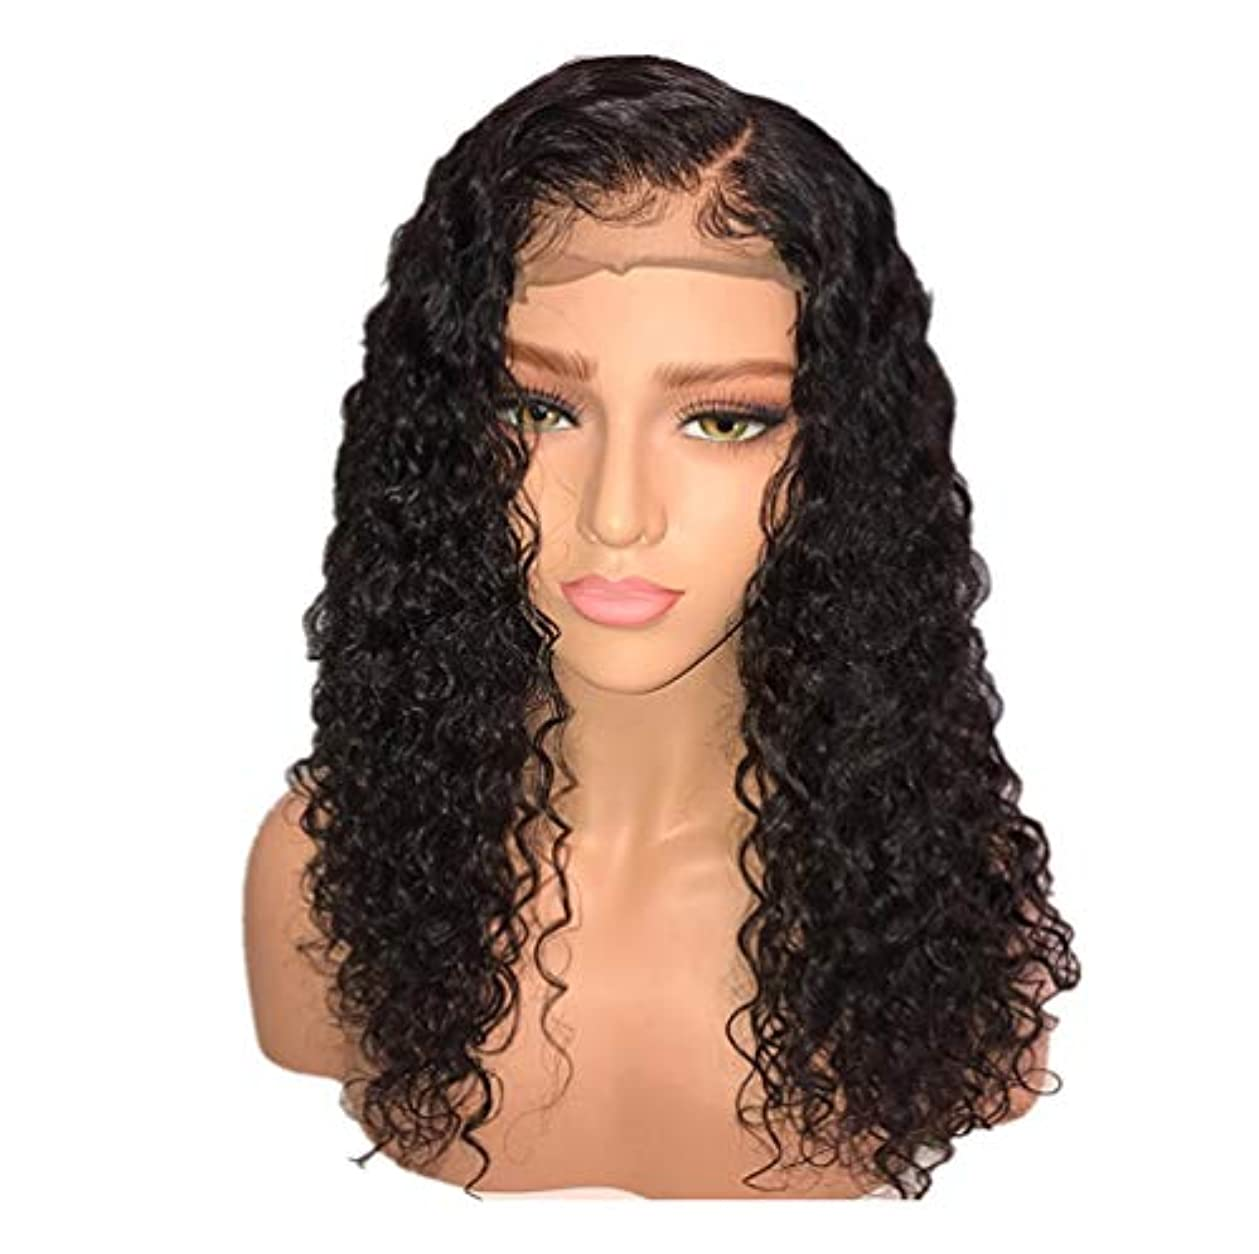 失態ブローエゴイズムかつら女性150%密度ブラジルロングヘアウィッグナチュラルウェーブカーリーレースフロントかつらベビーヘア付き